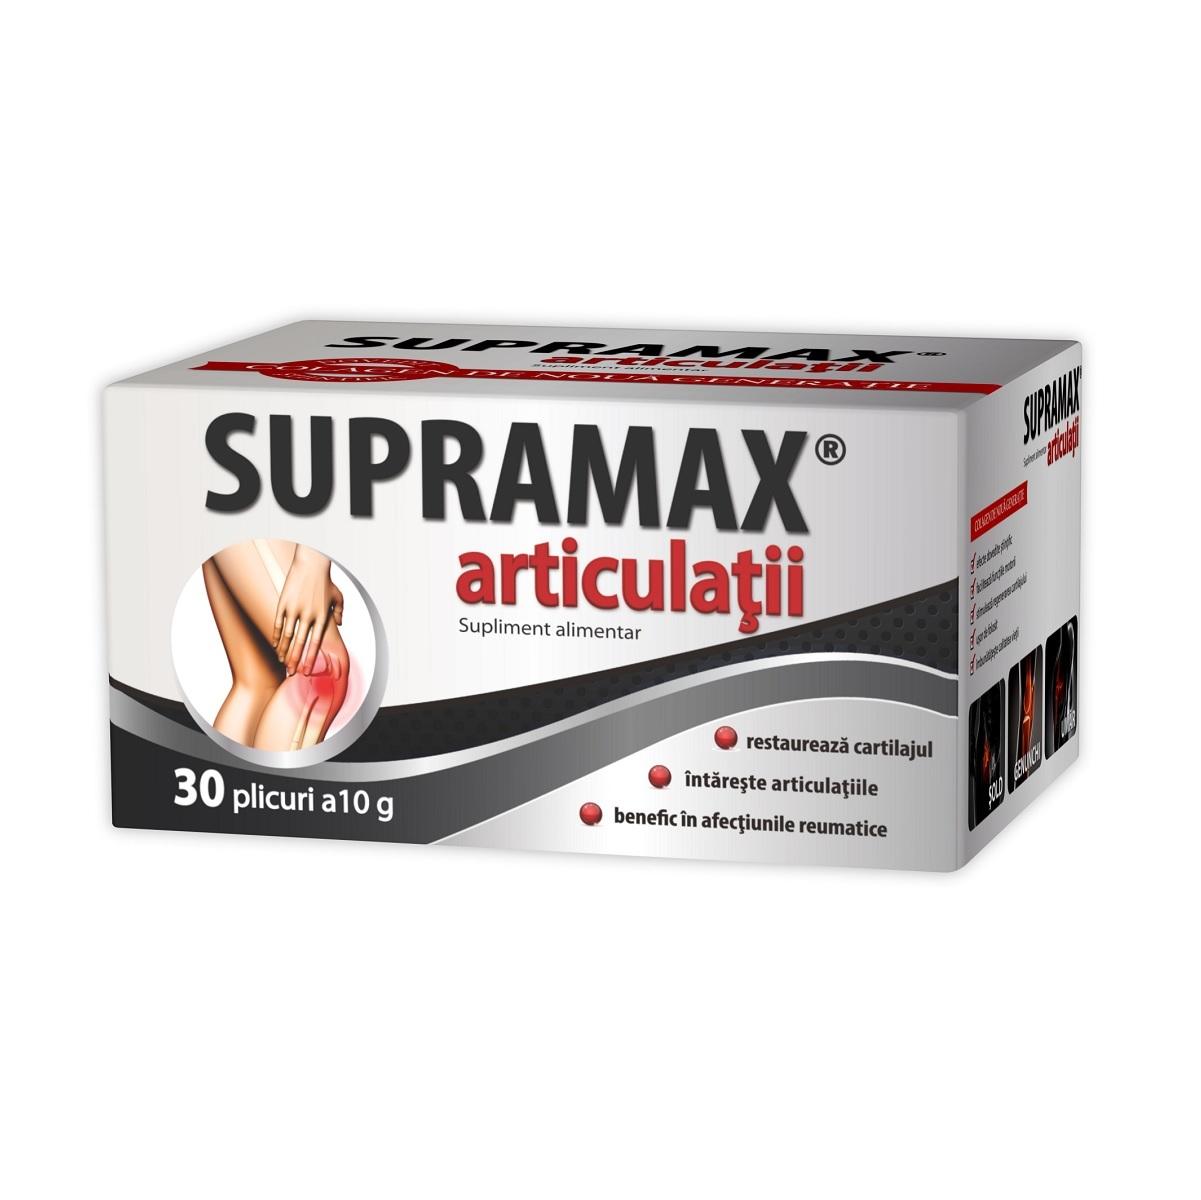 Cele mai bune medicamente naturiste pt. dureri de spate, articulații